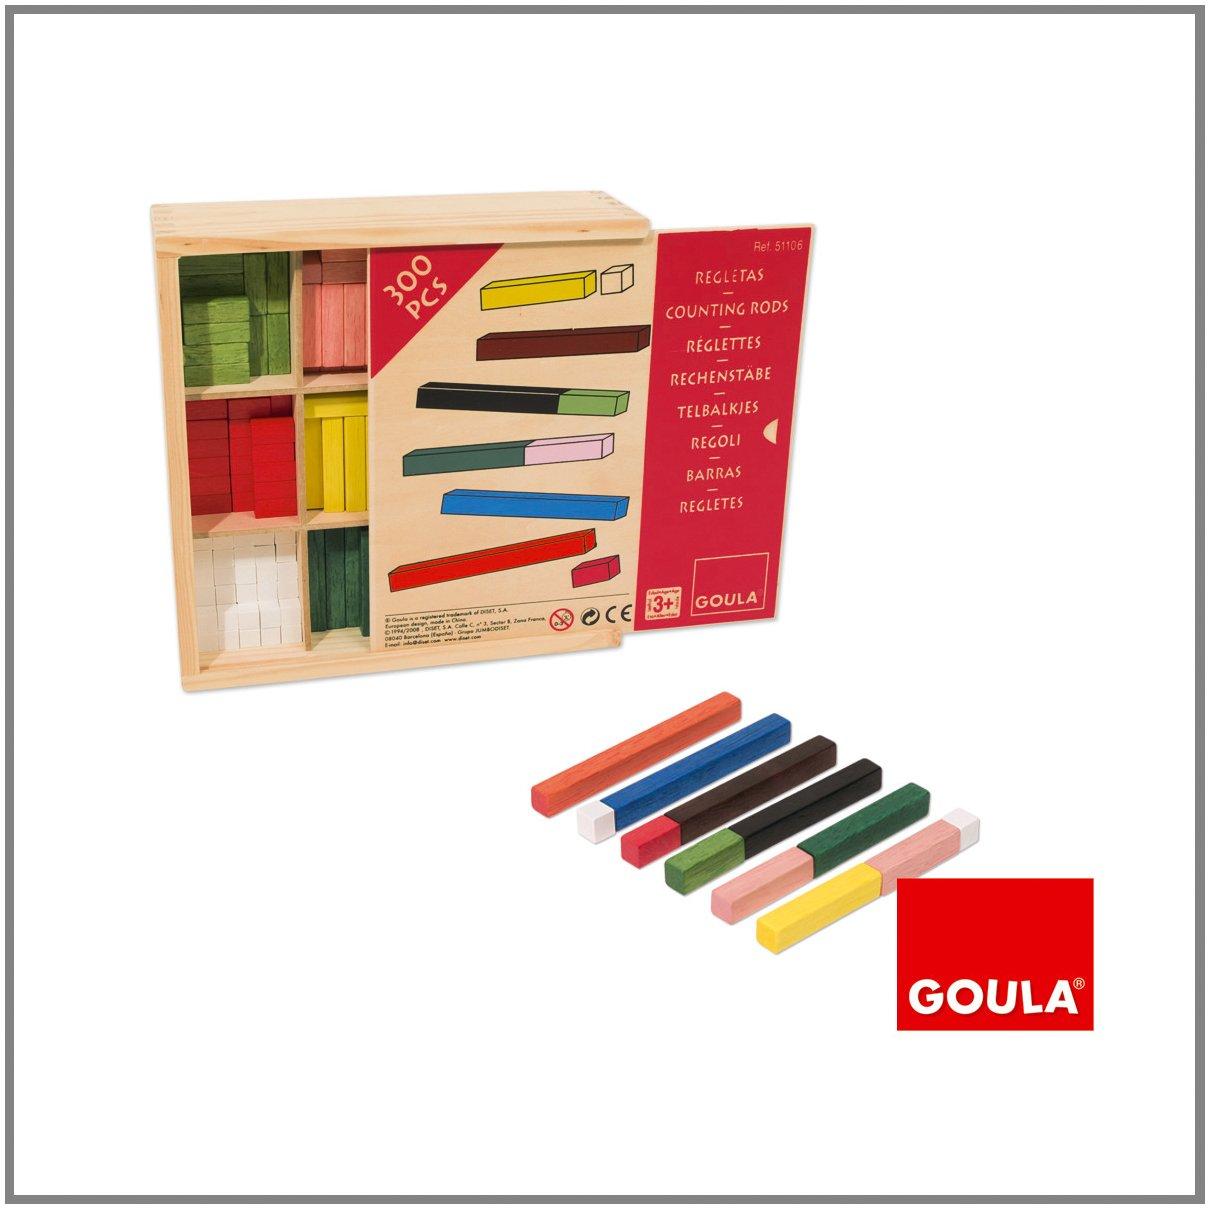 Goula - D51106 - Rechenstäbe 10 x 10 Spiel in der Holzbox